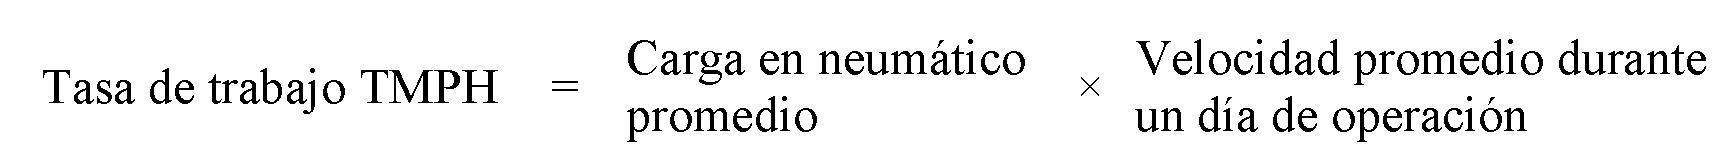 29 neumaticos - ecuacion 9.14